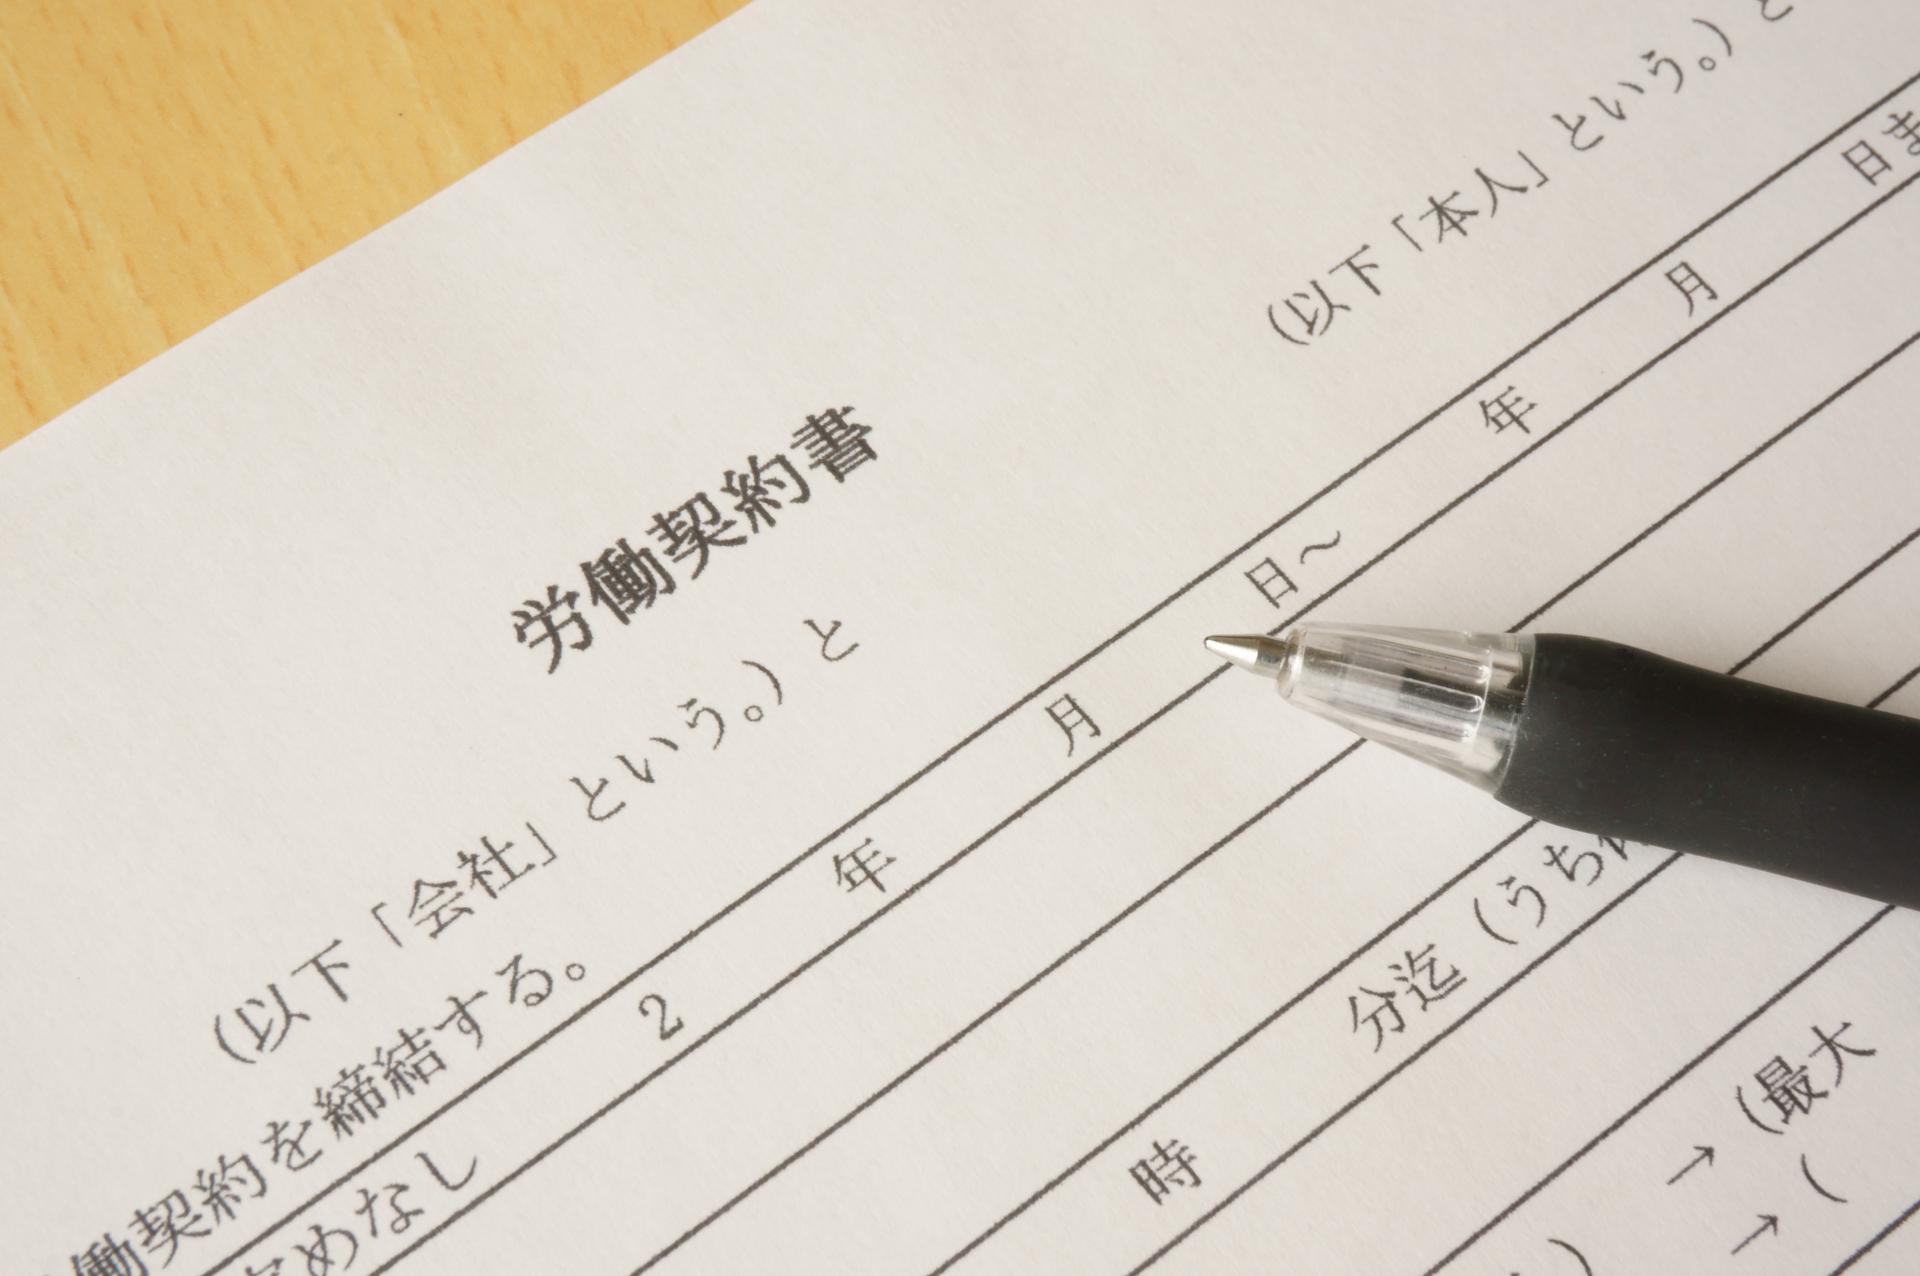 【社労士監修】有期雇用契約とは?改正労働契約法や企業の対応、注意点!満了退職、正社員・パートは?